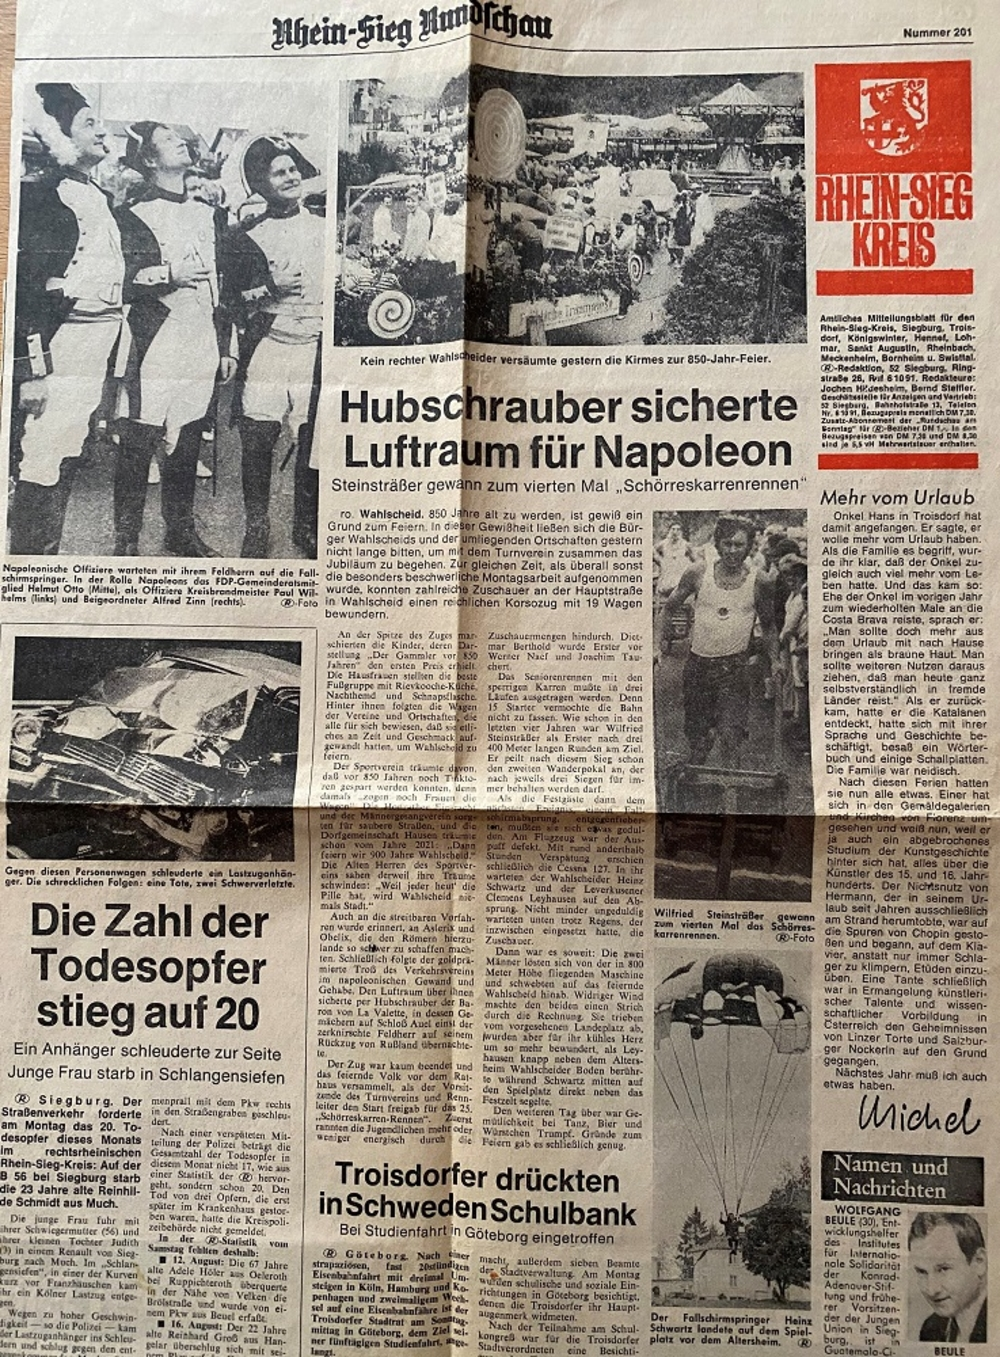 Rhein-Sieg Rundschau Nr. 201, 1971